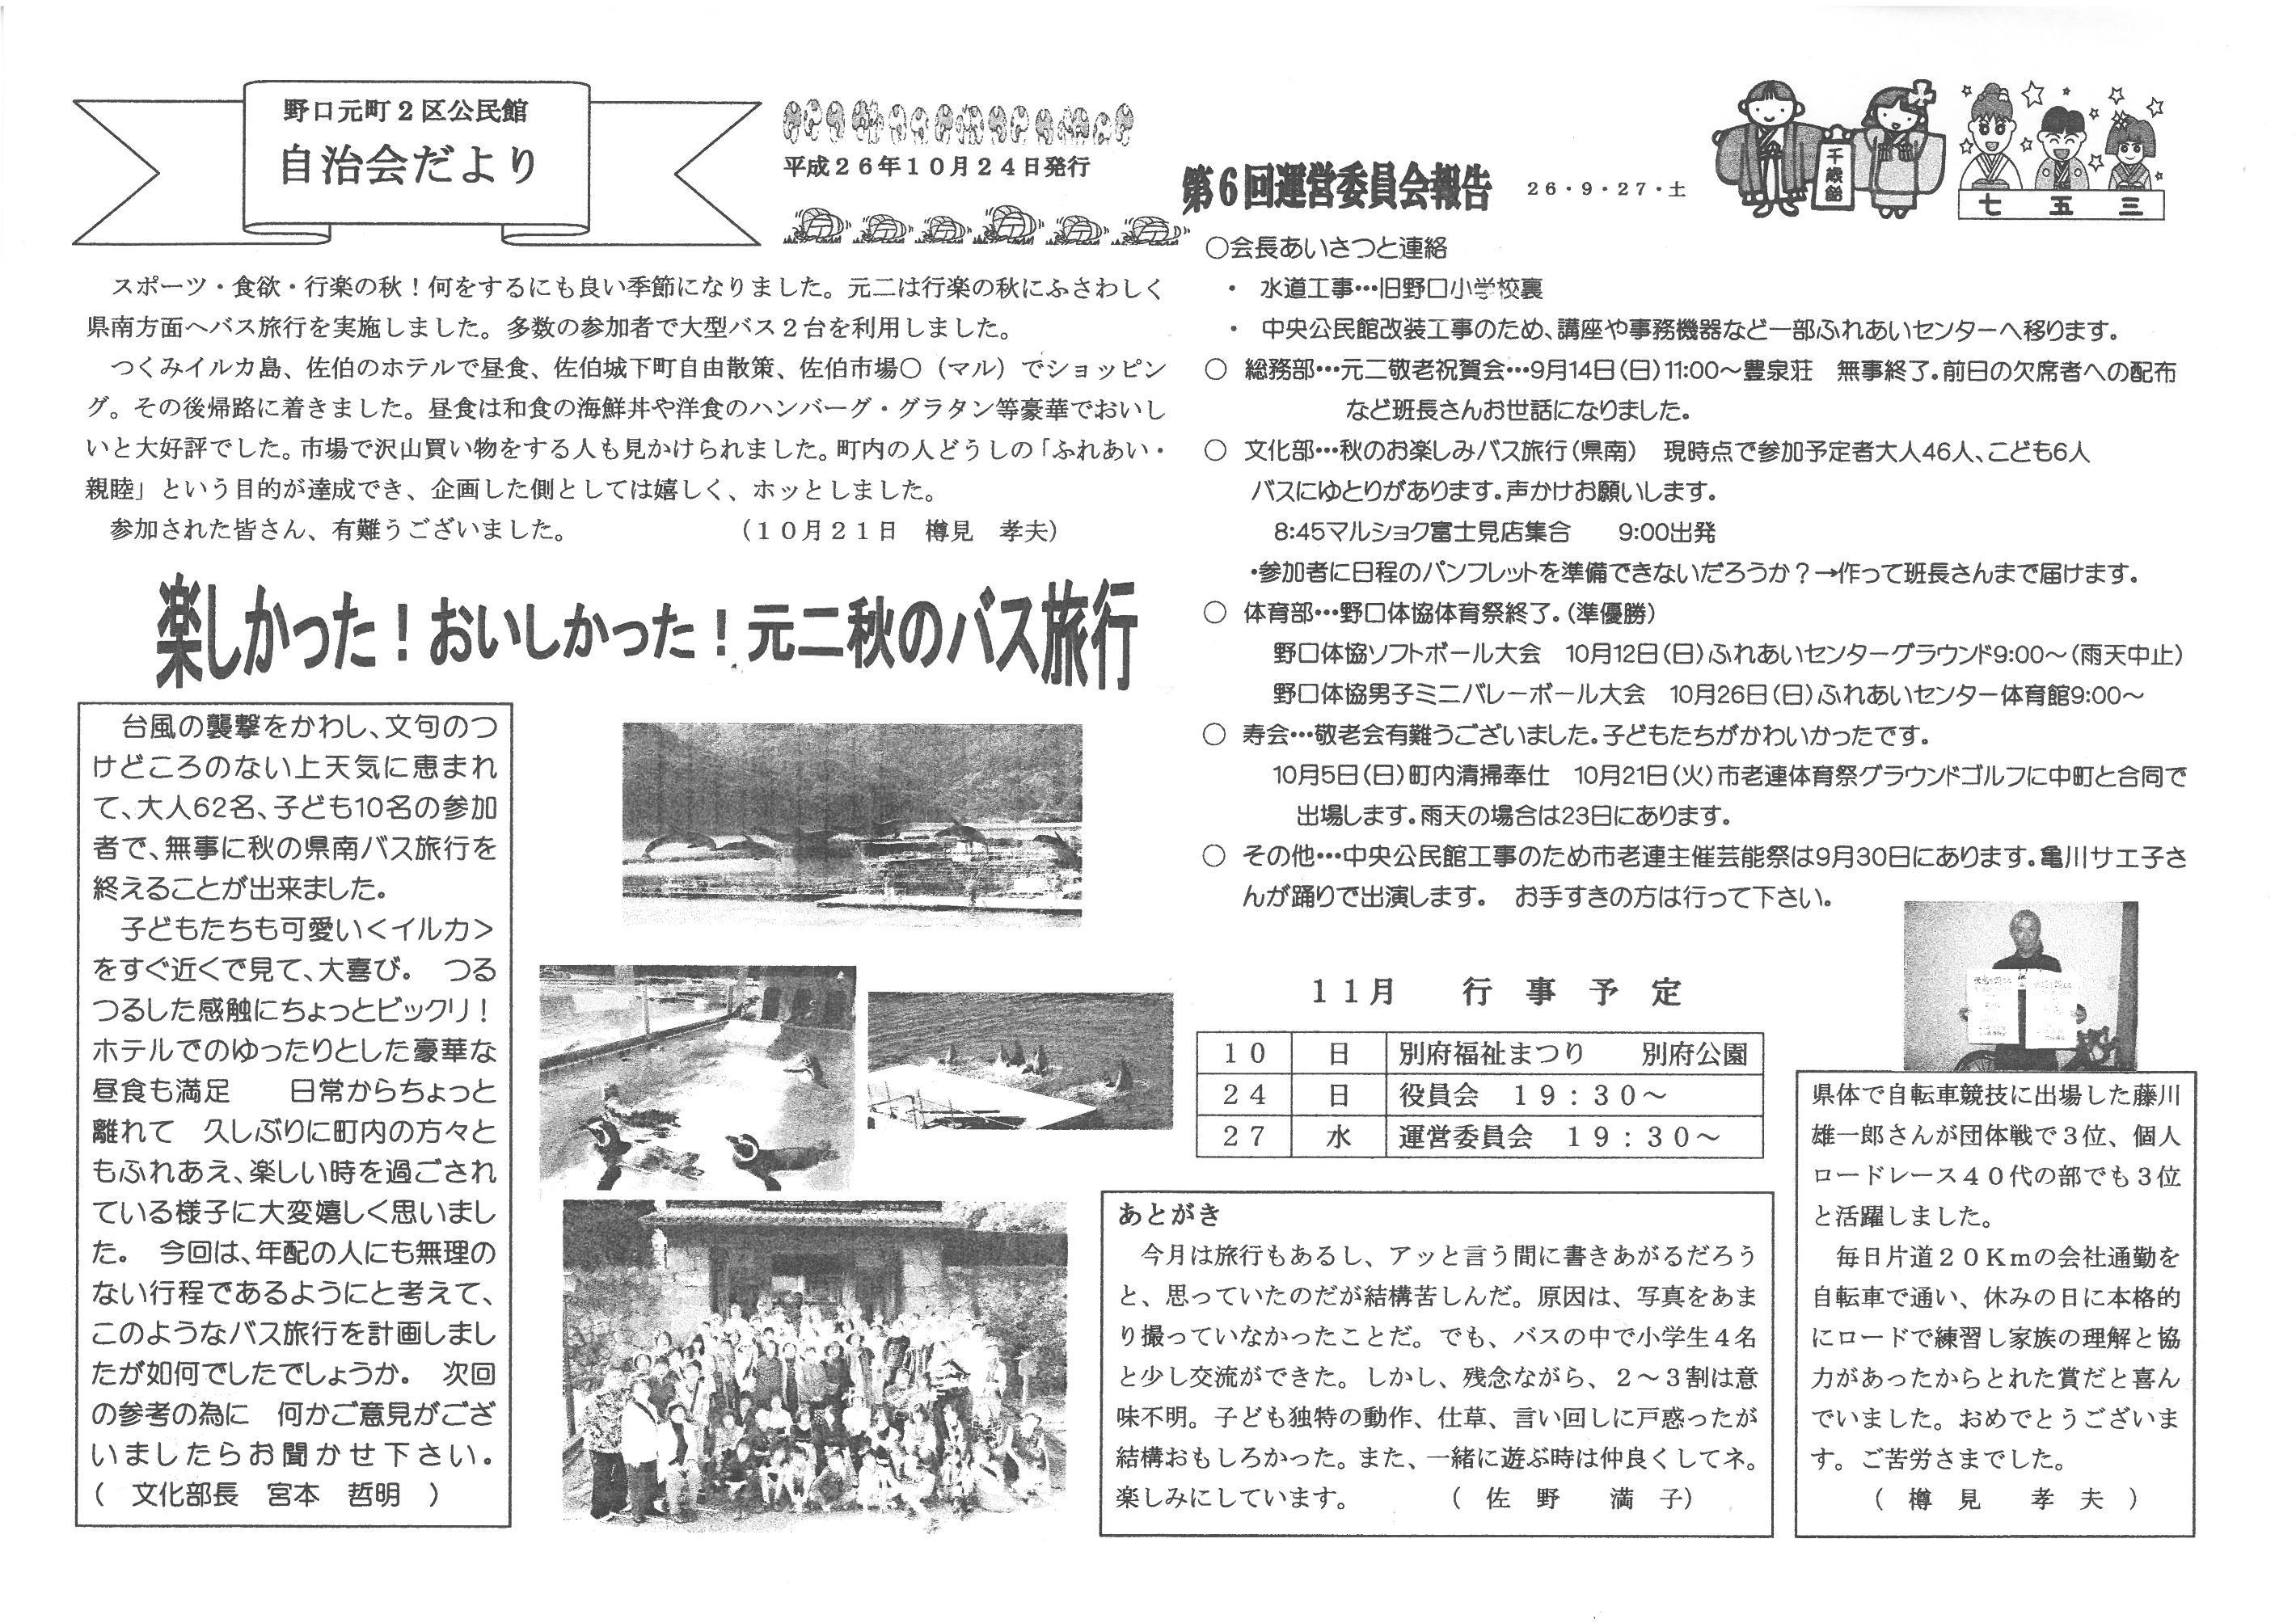 noguchimotomachi2ku_2014_11